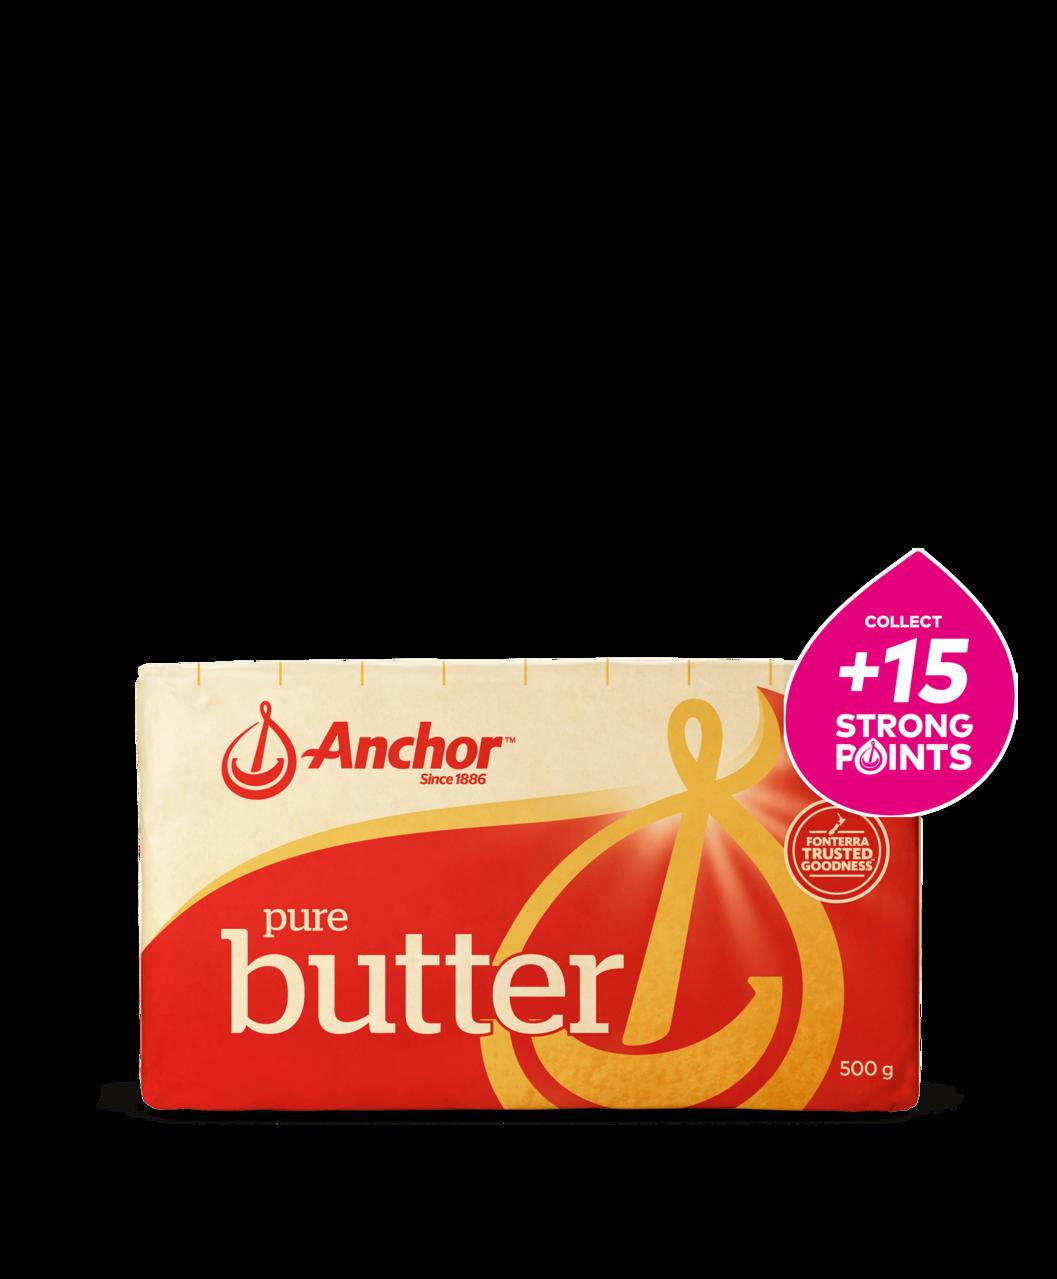 Anchor Salted Butter 500g block